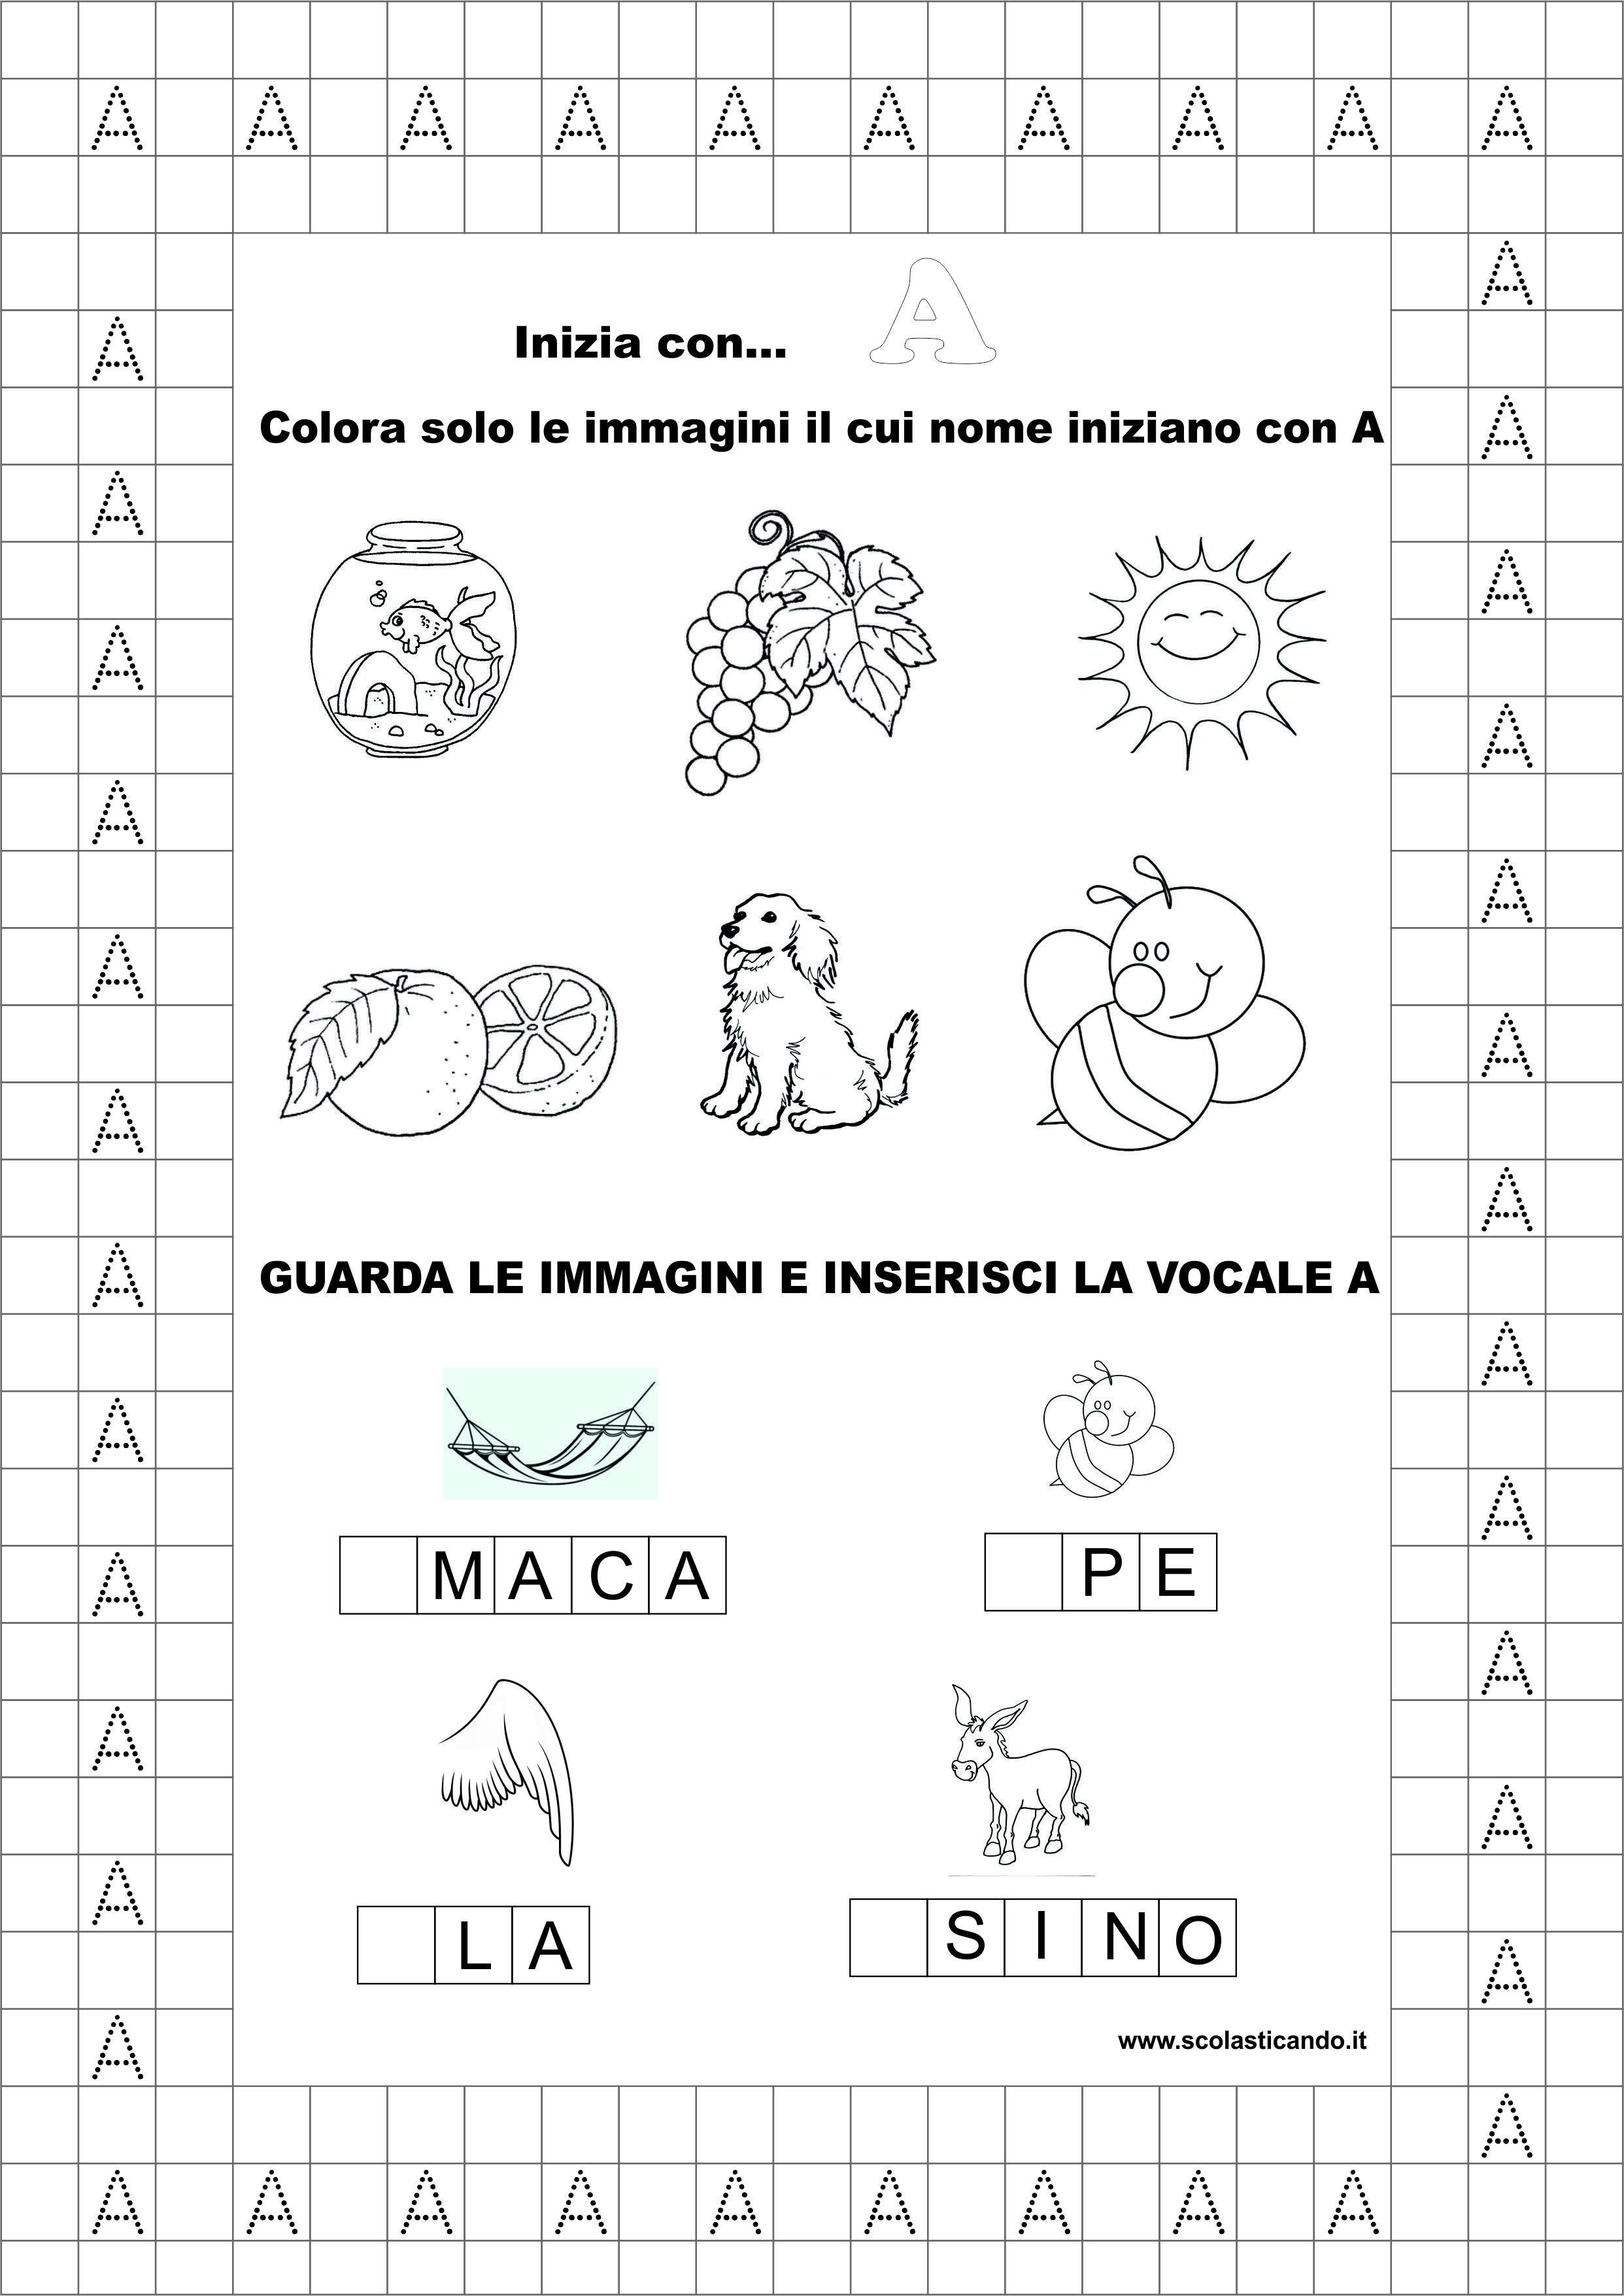 Préférence Classe prima, italiano: la vocale A, schede didattiche da  GF47